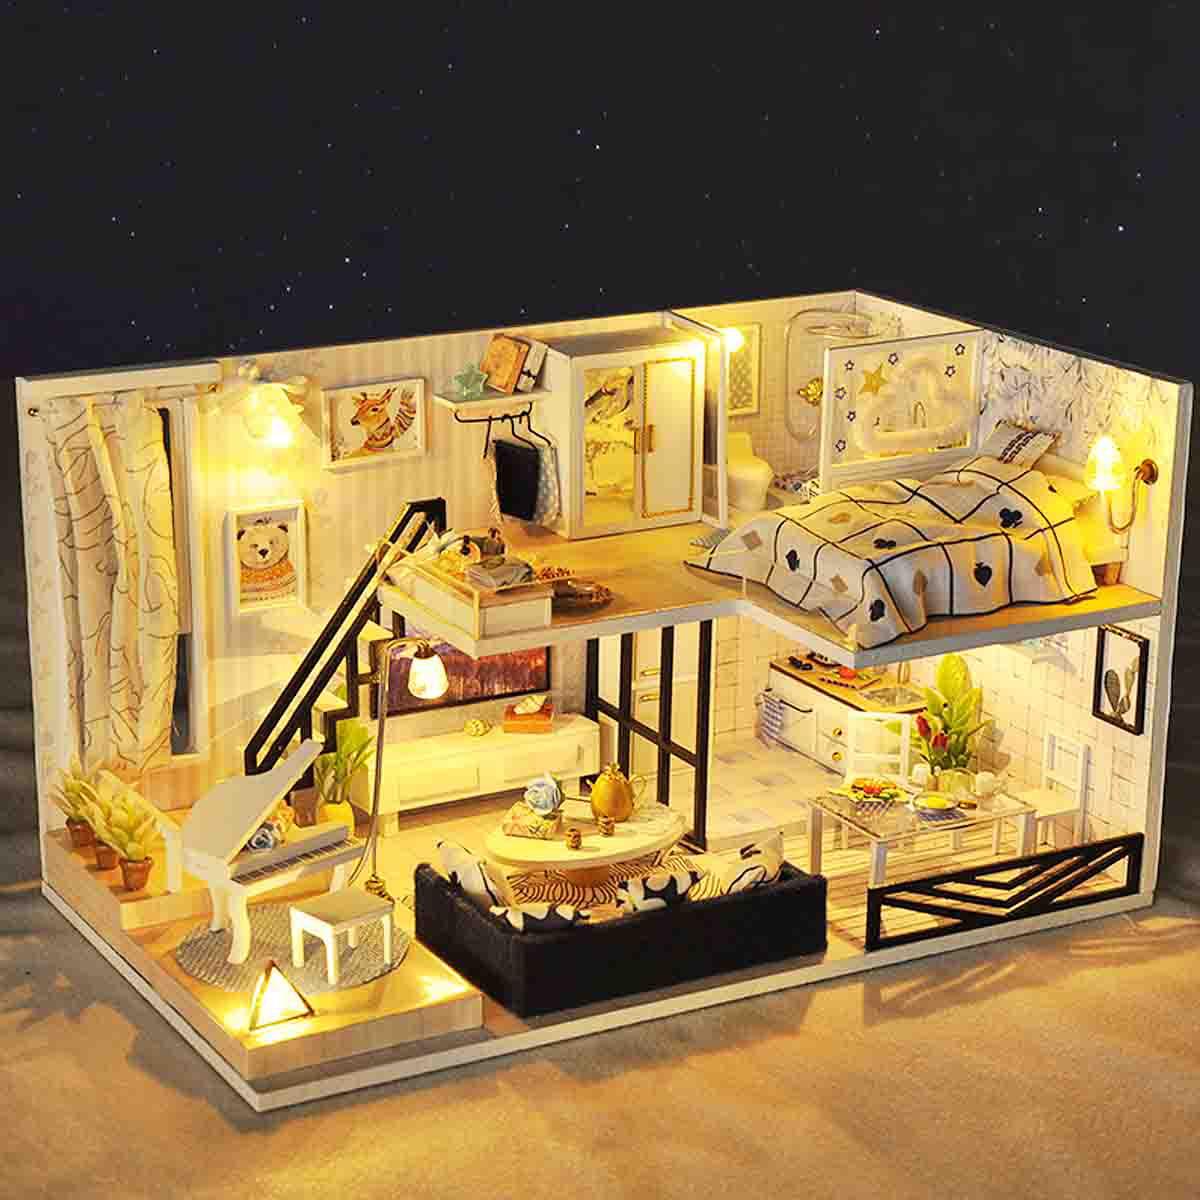 Dollhouse Miniature Bathroom Bath Shower Tap Waterfall Shower Model Toy BDAU